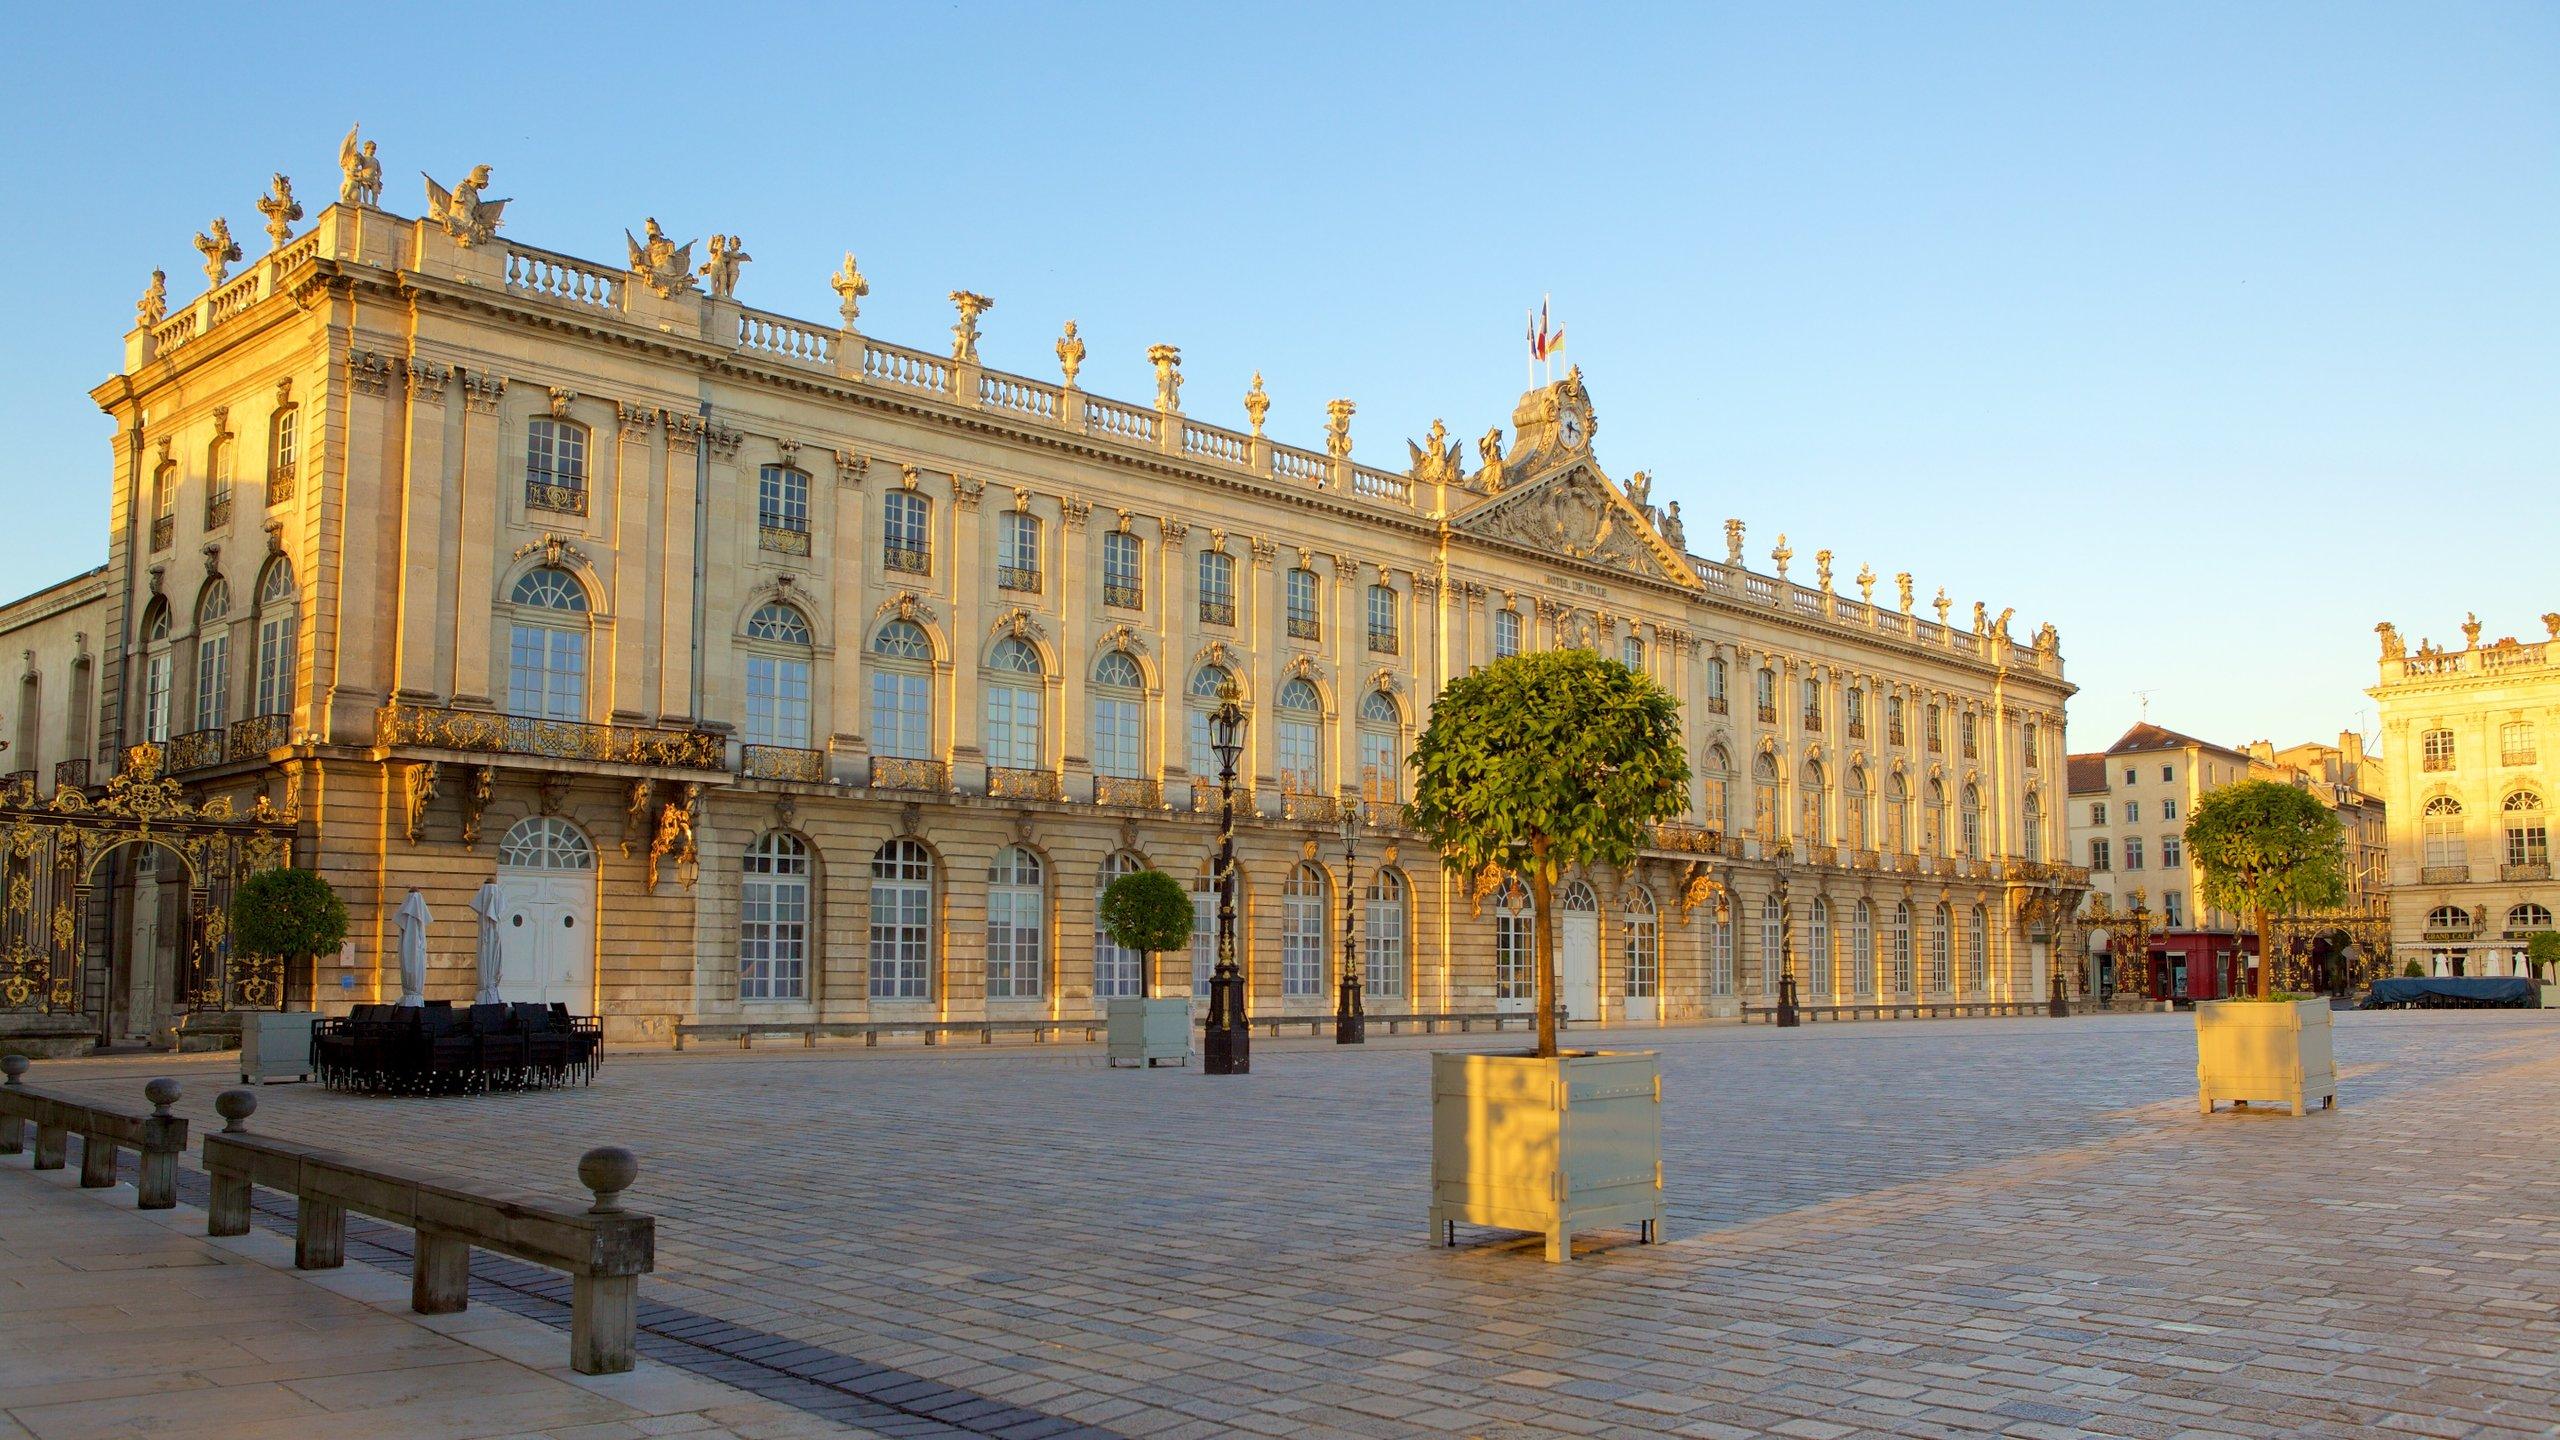 Saint Nicolas - Charles III - Ville vieille - Trois Maisons - Léopold, Nancy, Meurthe-et-Moselle (Department), Frankreich